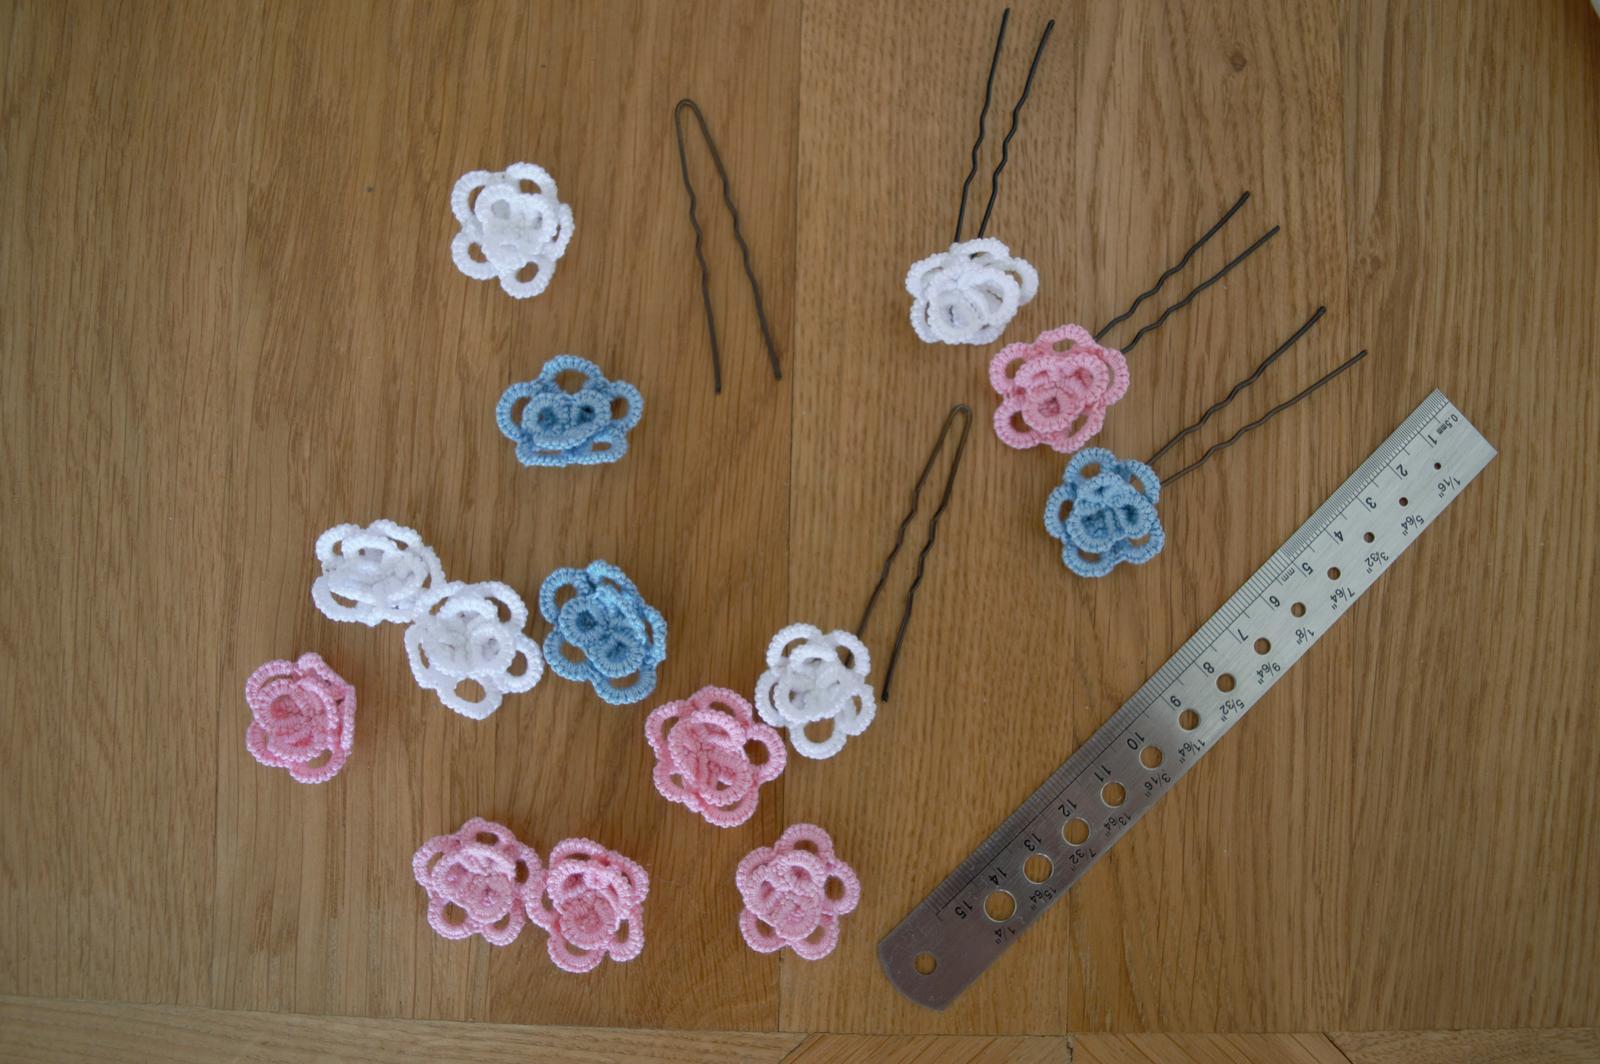 modré, růžové a bílé háčkované kytičky  - Obrázek č. 1